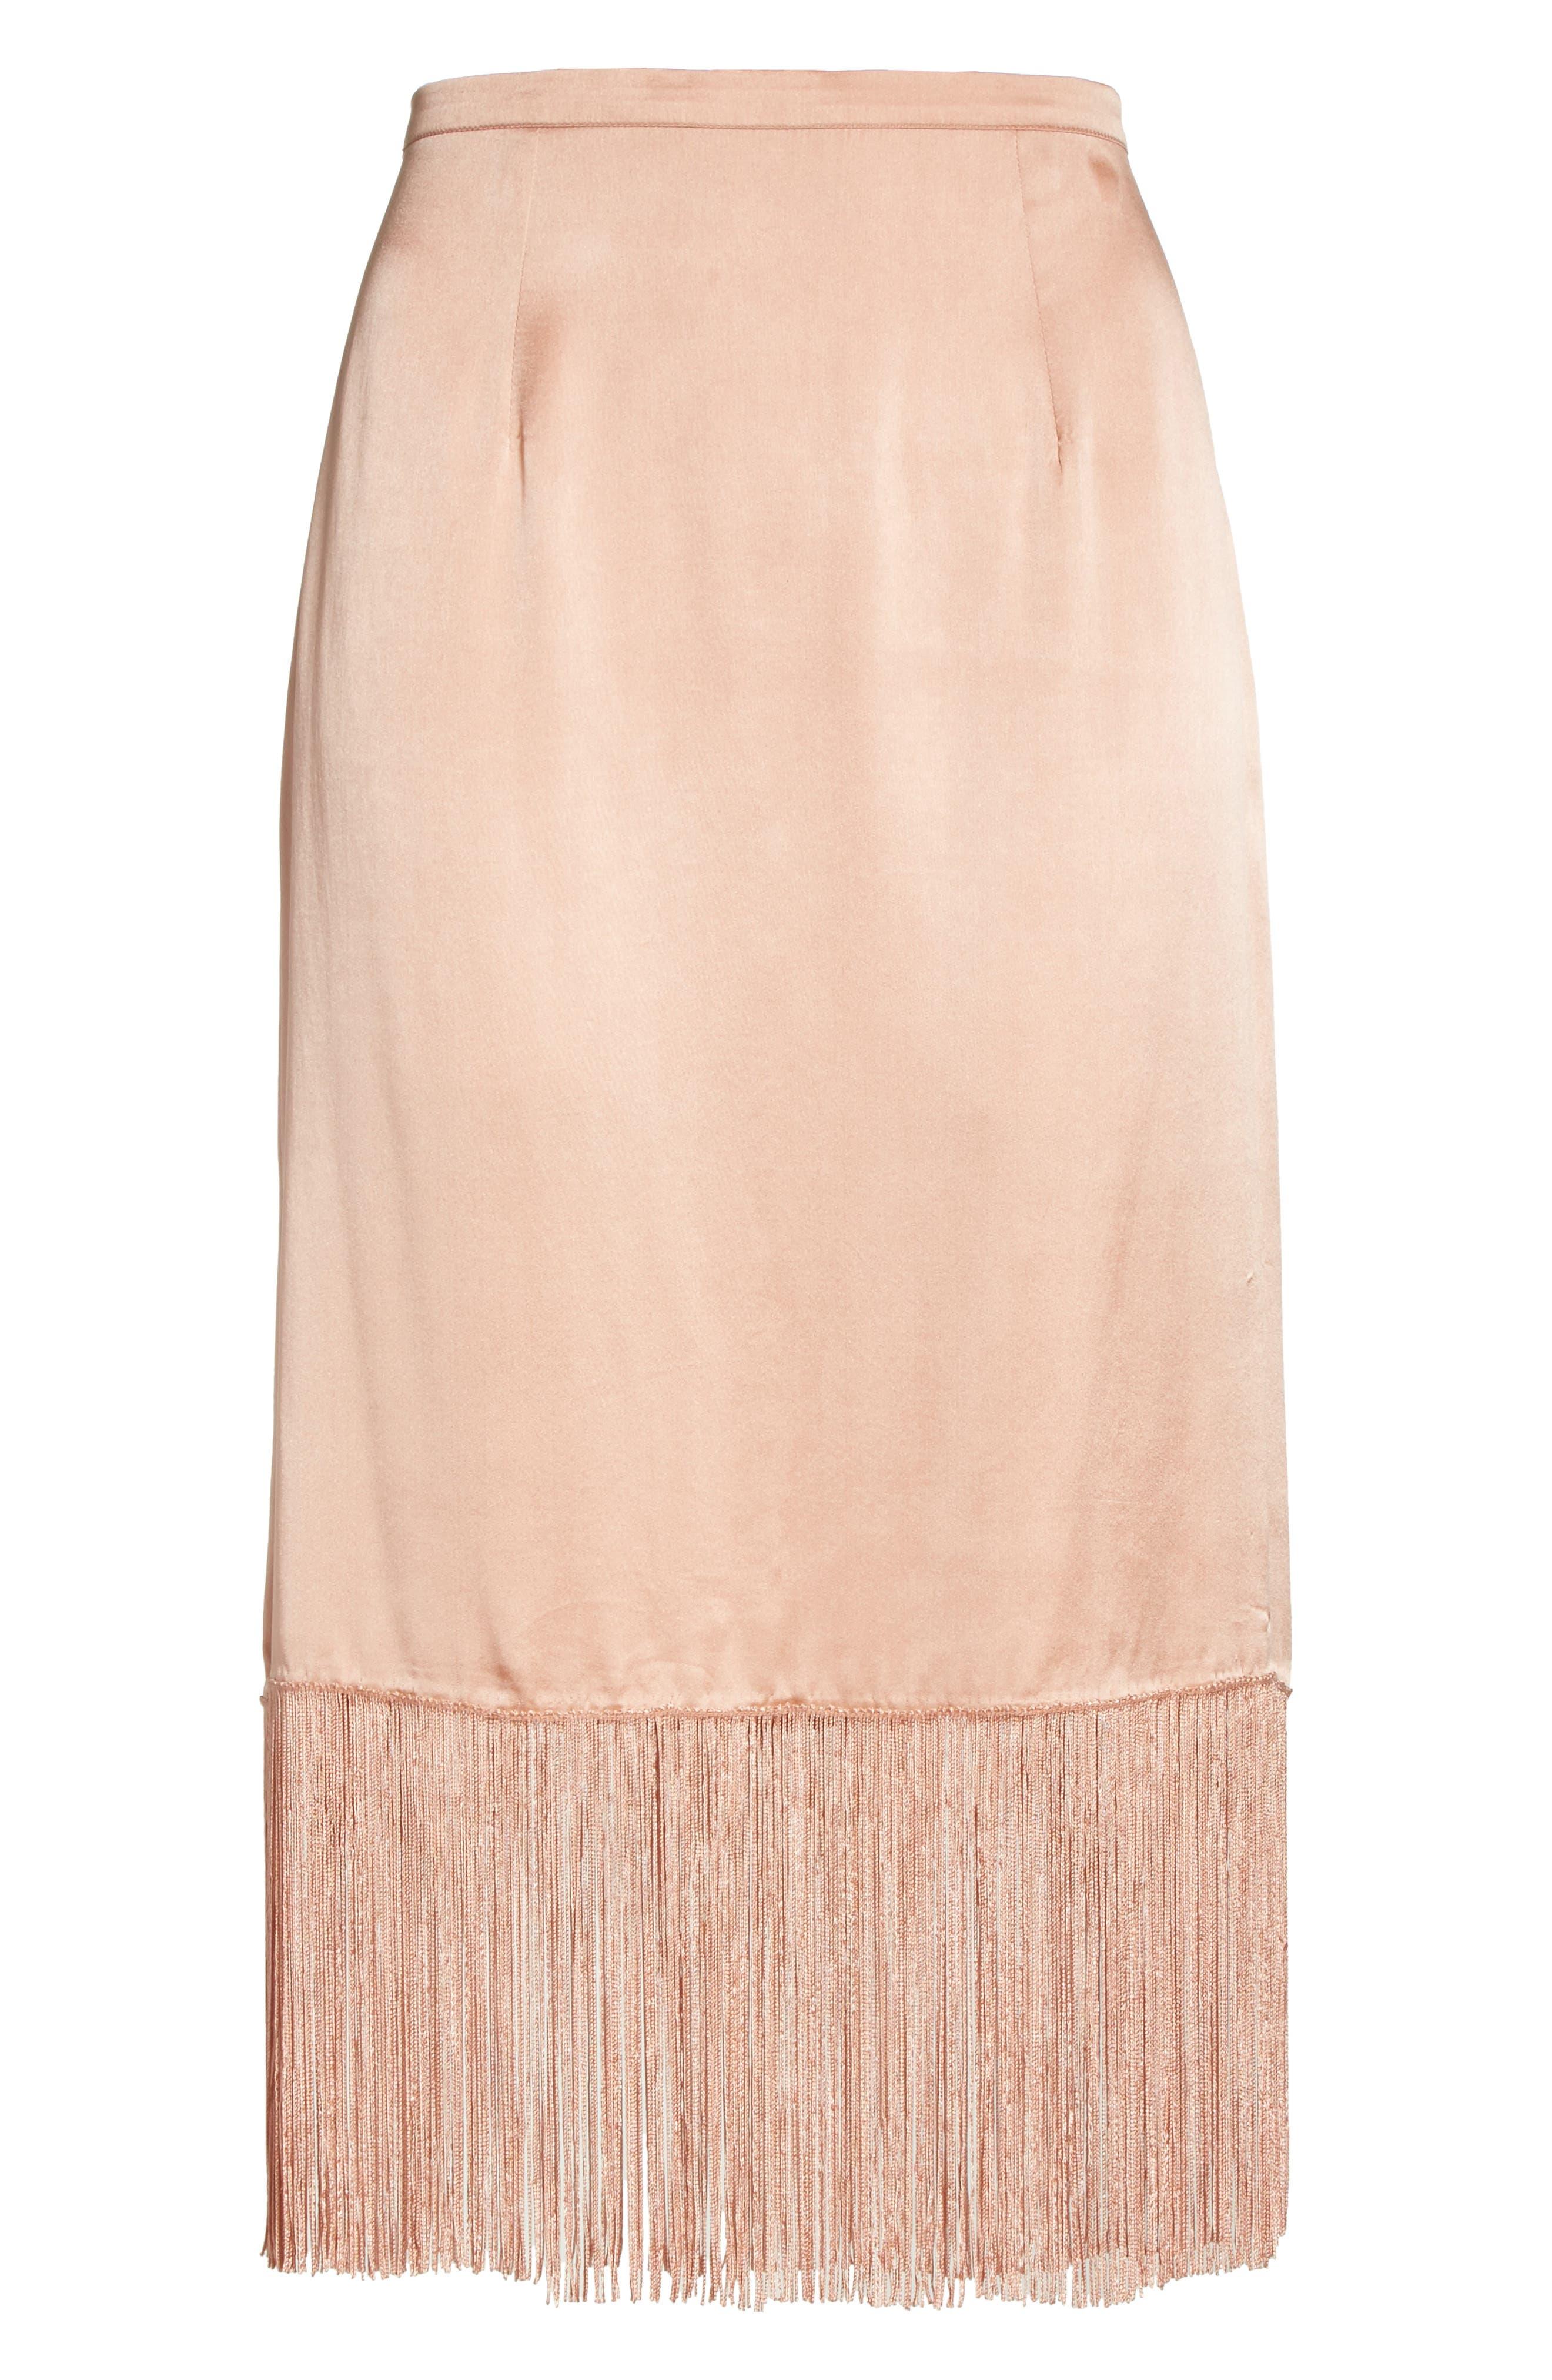 Fringe Silk Skirt,                             Alternate thumbnail 6, color,                             657